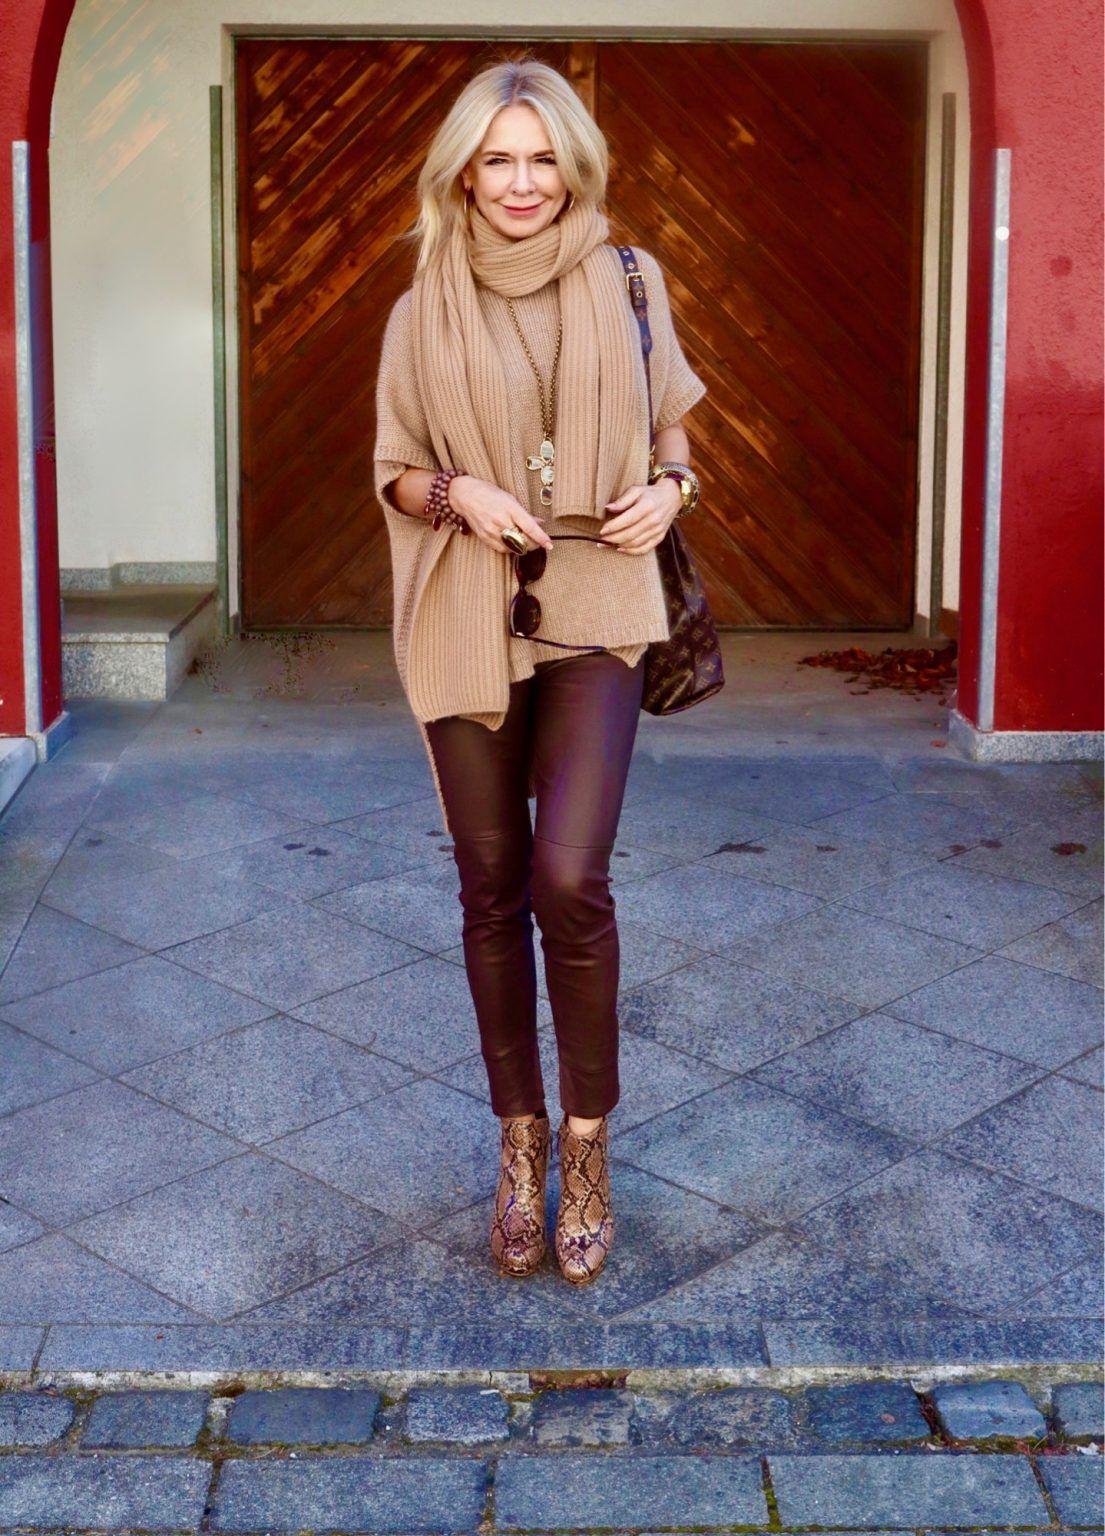 Mit Mitte 50 zu alt für modische Kleidung?... Nein, sagt Bibi Horst | Stilexperte für Styling und Anti-Aging 45+